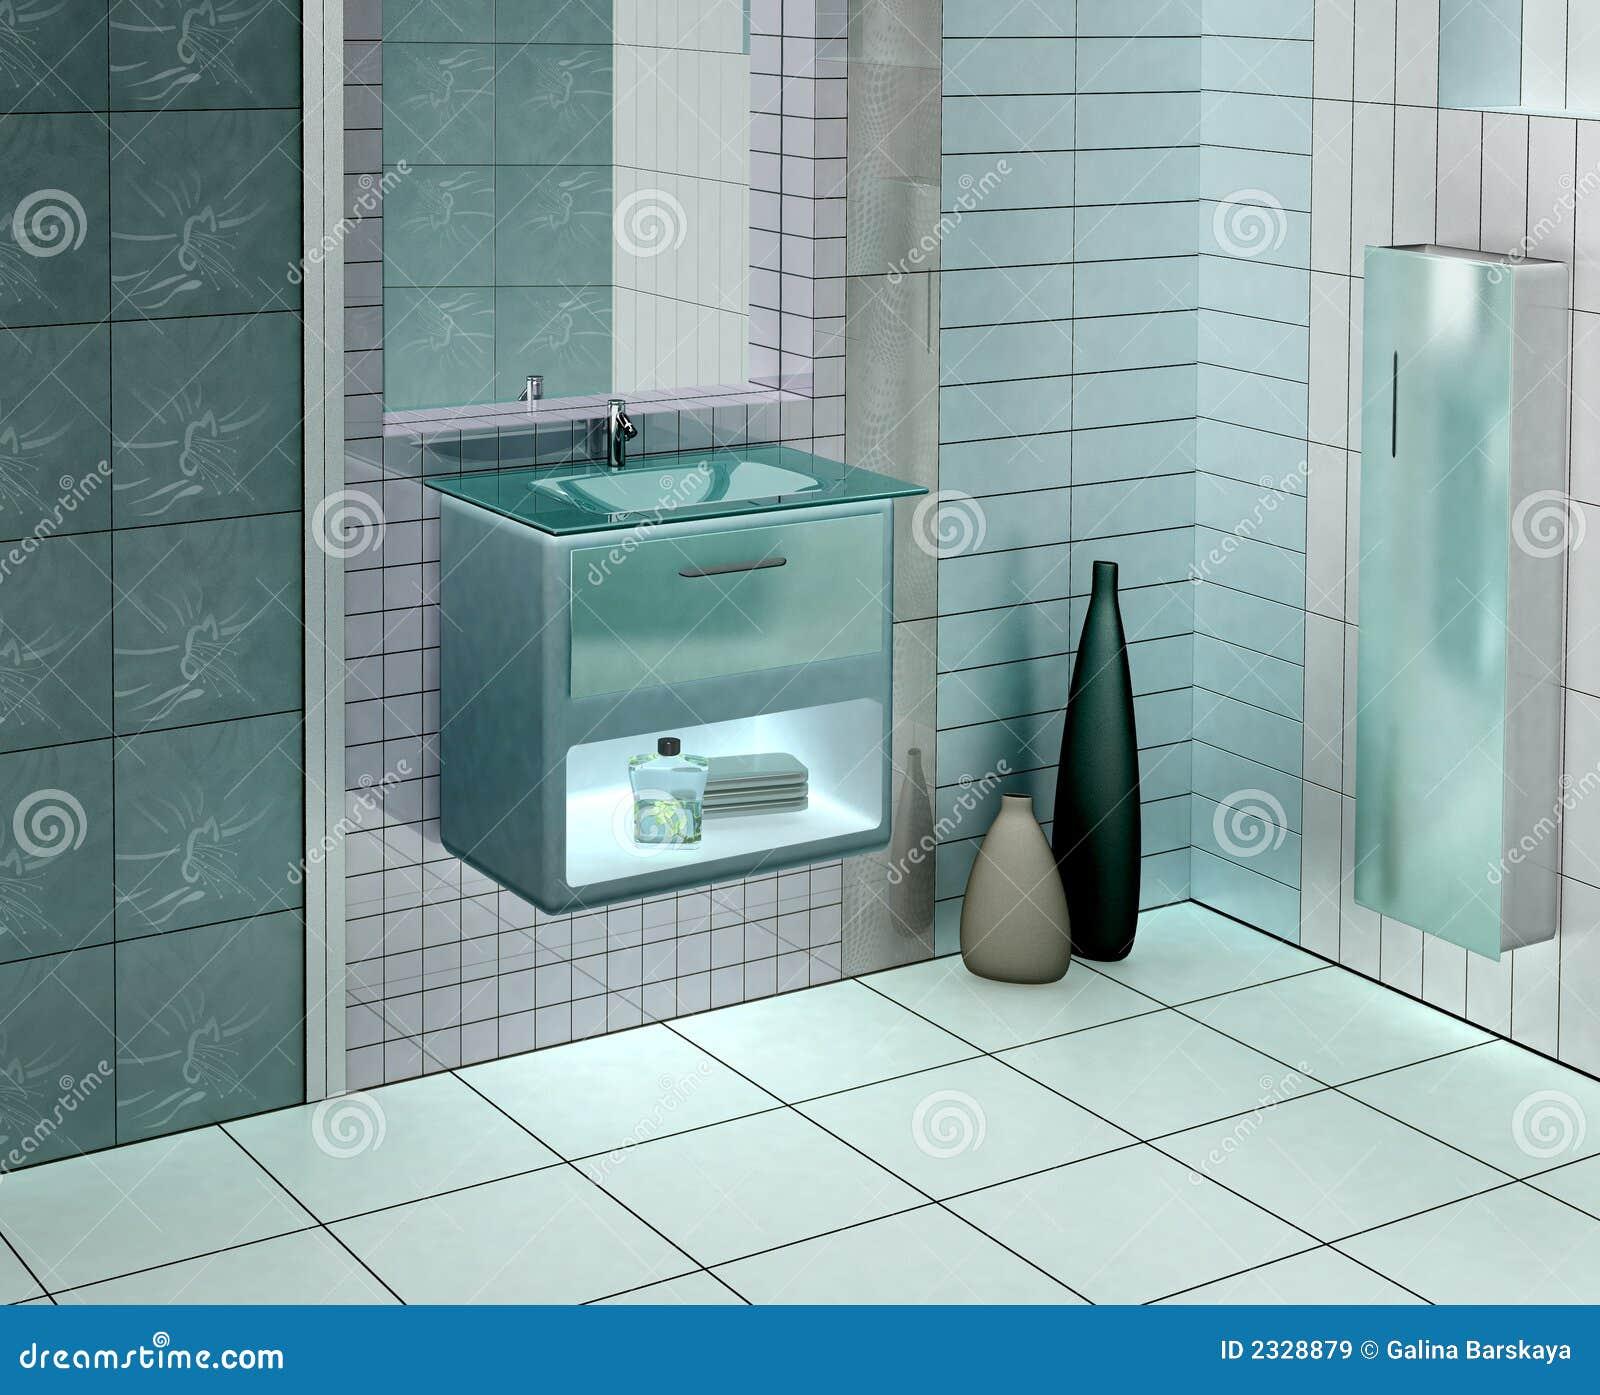 Cuarto De Baño Moderno Fotos:3D de un cuarto de baño moderno con la vanidad de cristal La foto